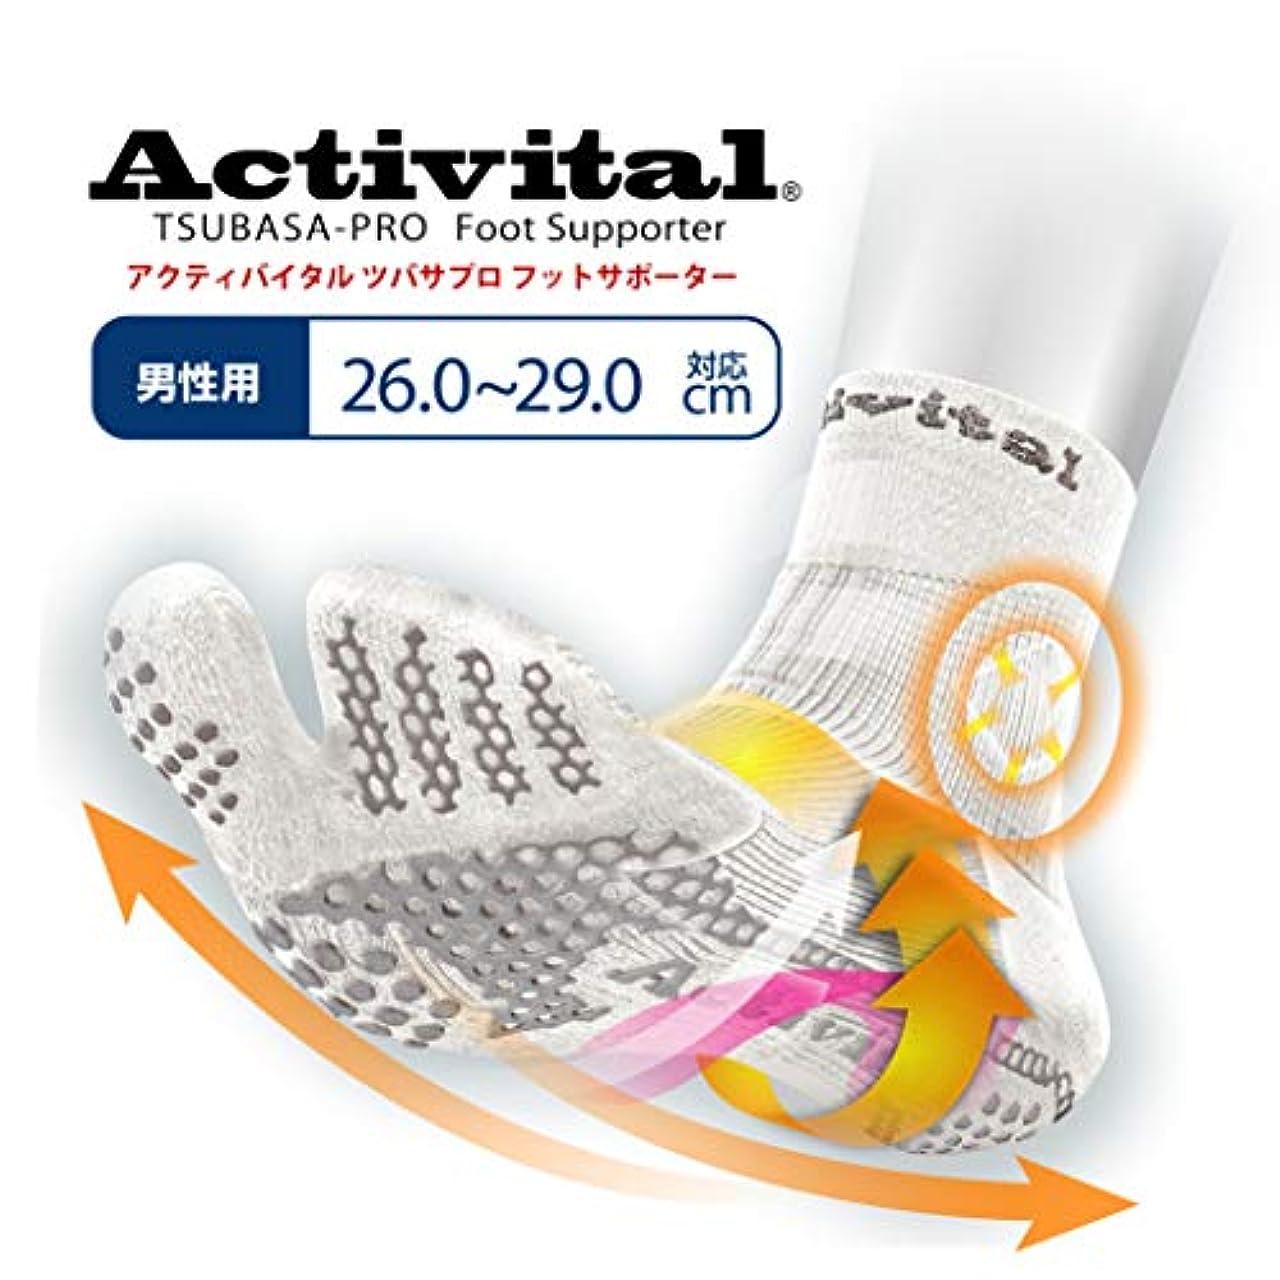 到着するフリルやろうActivital アクティバイタル フットサポーター ホワイト L-LL 26.0~29.0cm